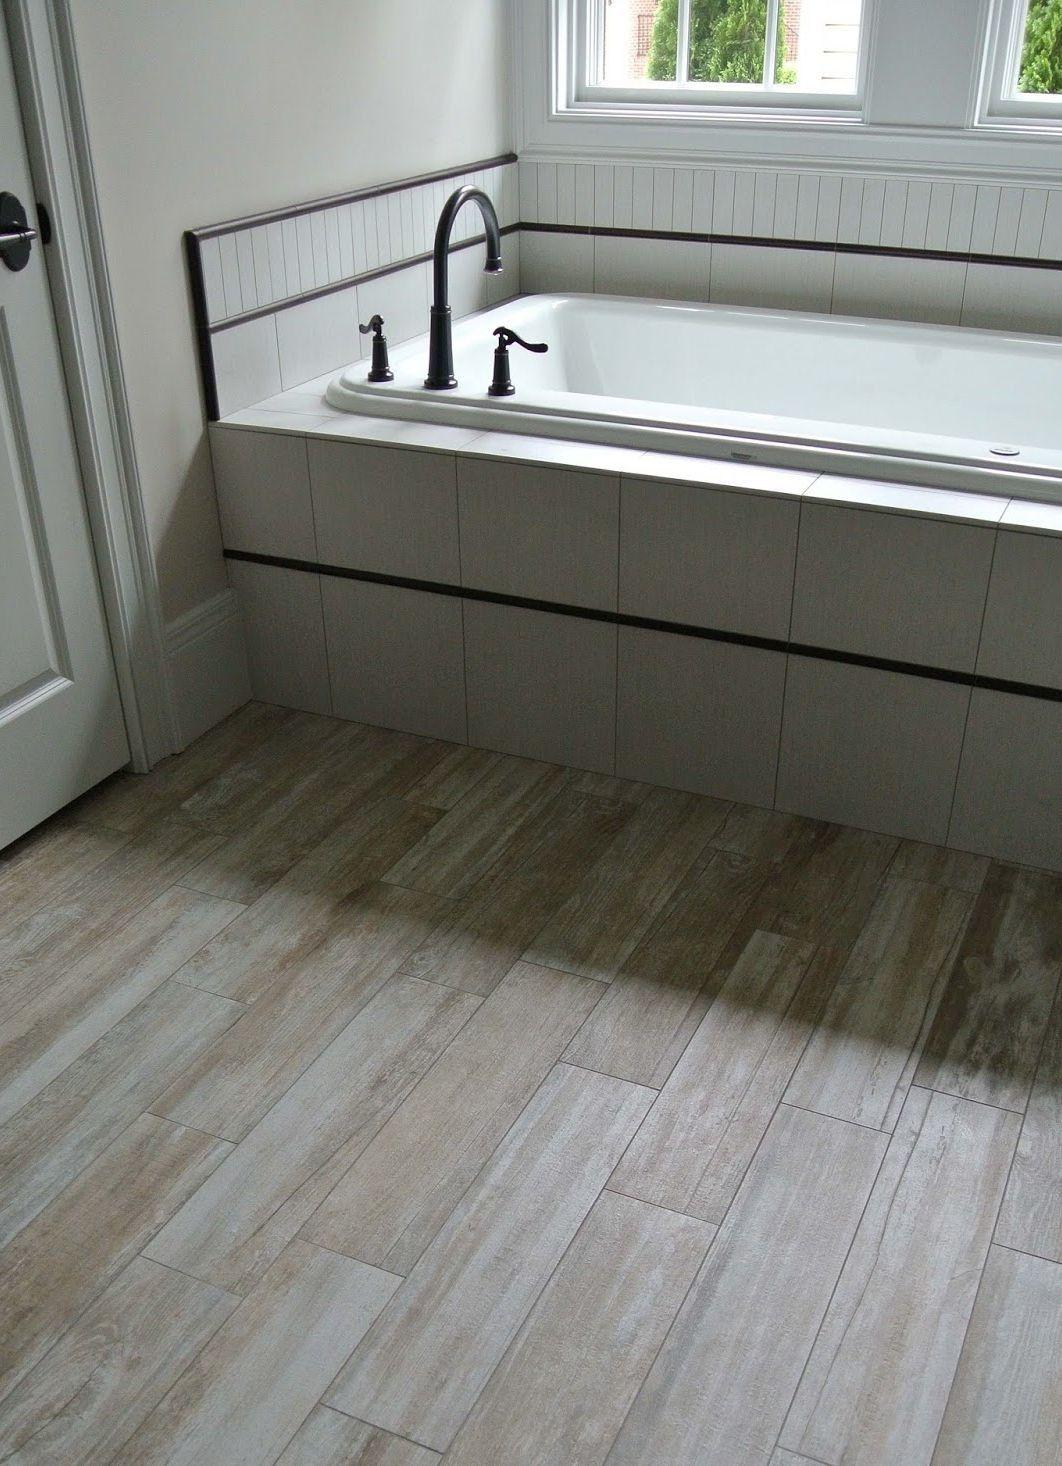 Kleine Badezimmer Bodenbelag Ideen Kleine Badezimmer Bodenbelag Ideen Haus Ausstattung Ist Ein Bodenfliesen Bad Bodenbelag Fur Badezimmer Badezimmer Klein